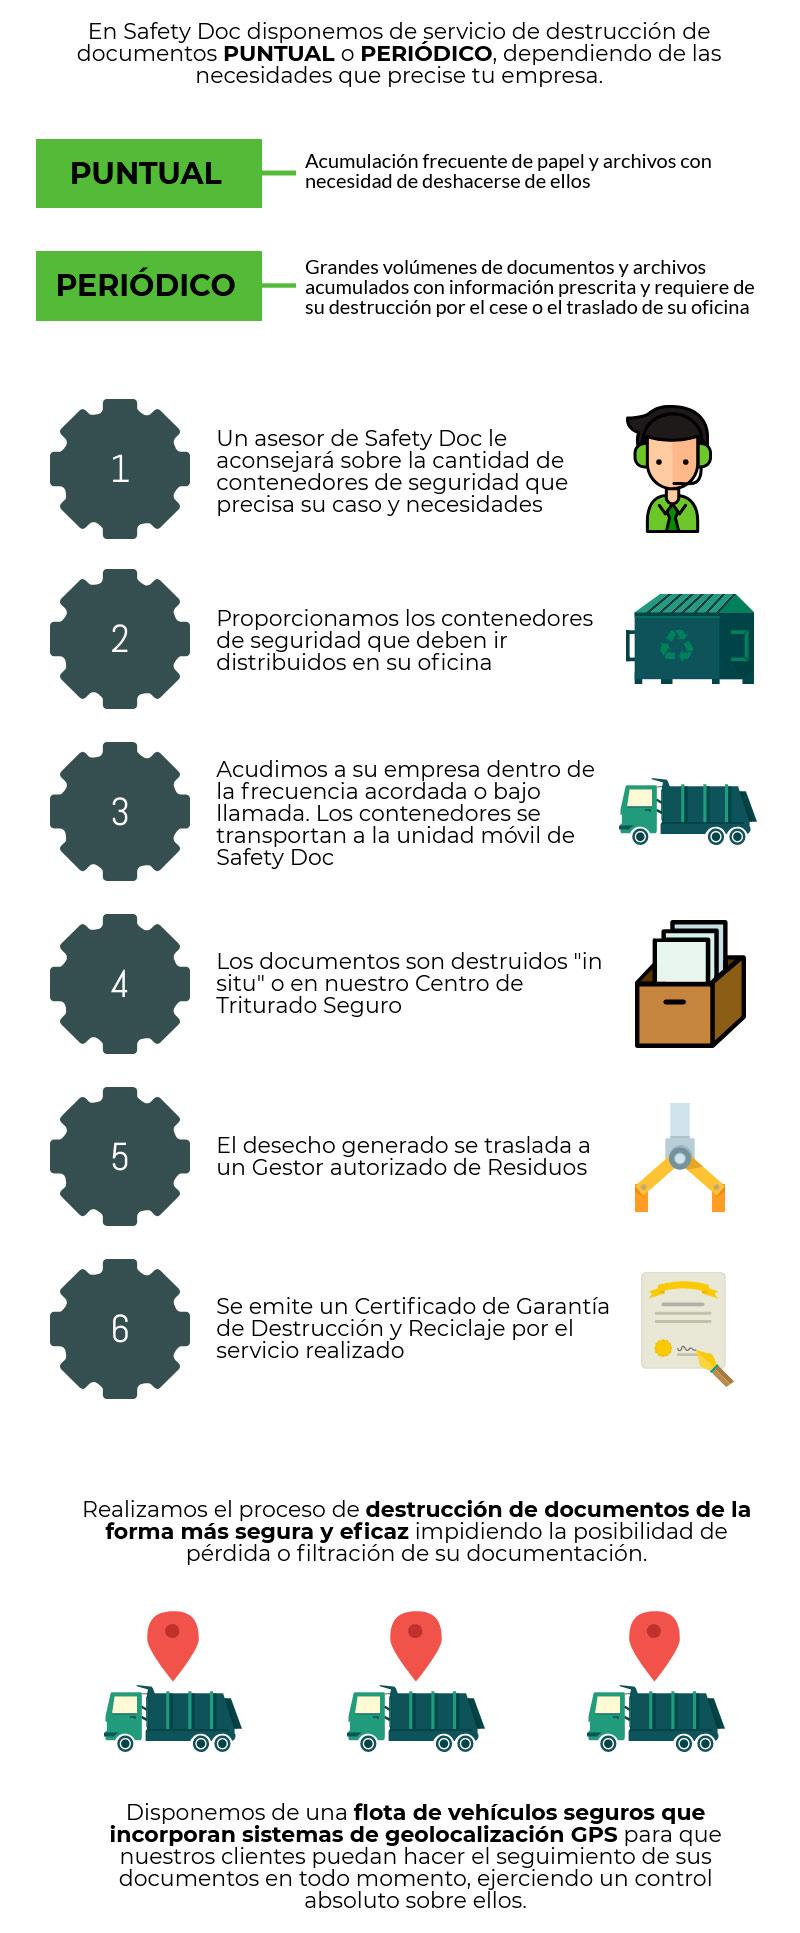 procedimiento de destrucción de documentos